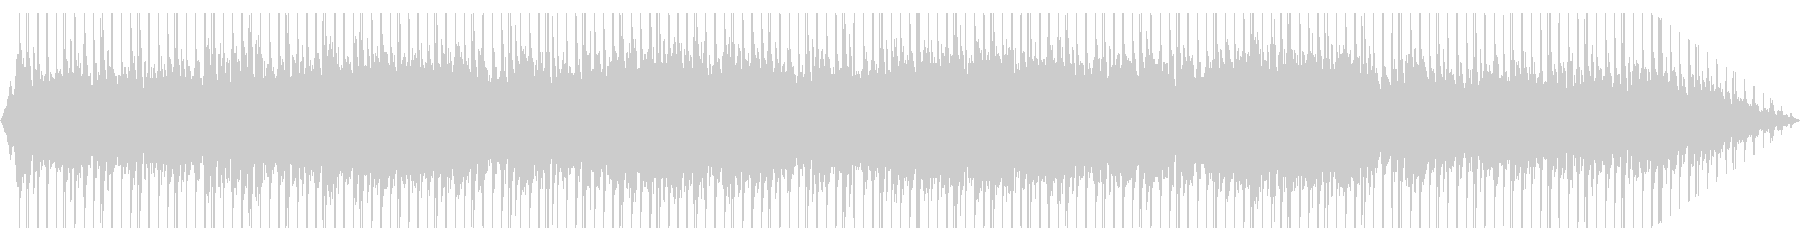 緊張感のあるテクノ曲の未再生の波形